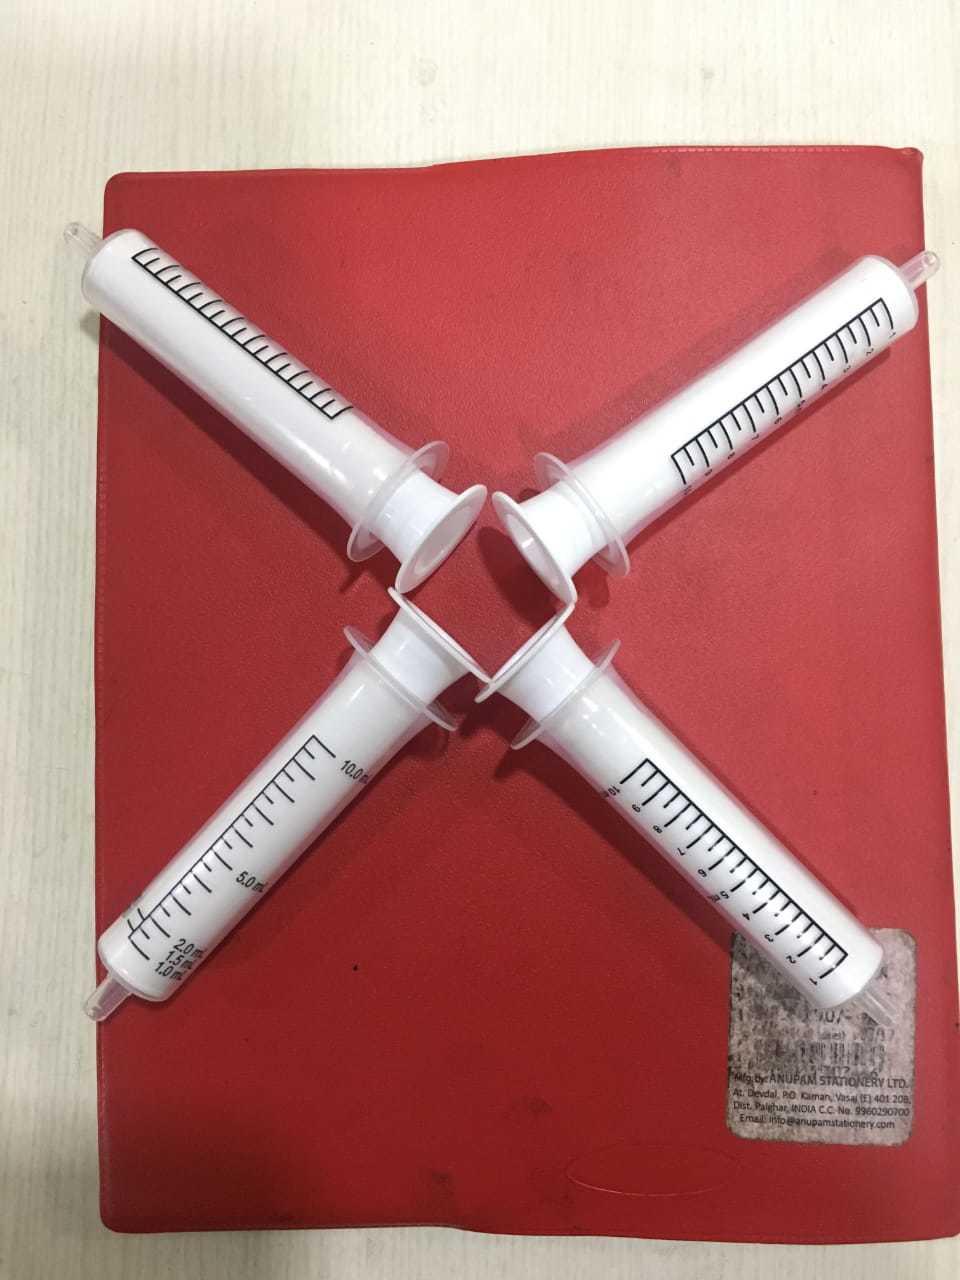 oral dosage syringe